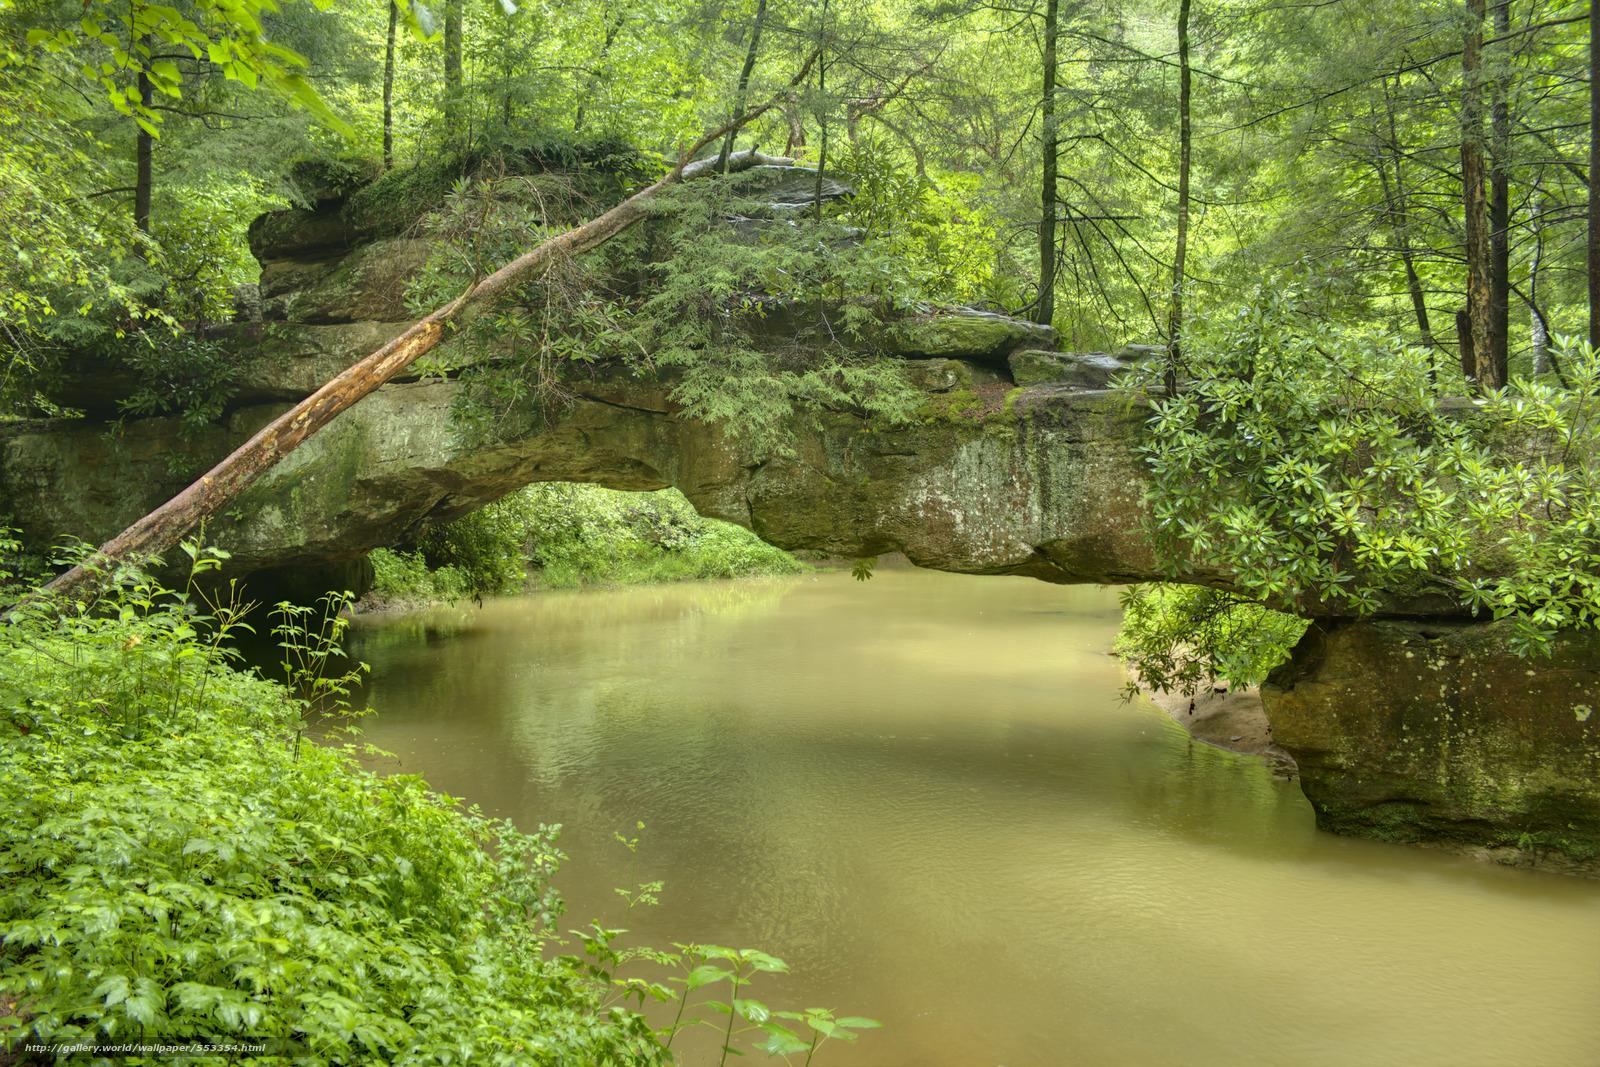 下载壁纸 森林,  河,  岩石,  树 免费为您的桌面分辨率的壁纸 5183x3455 — 图片 №553354